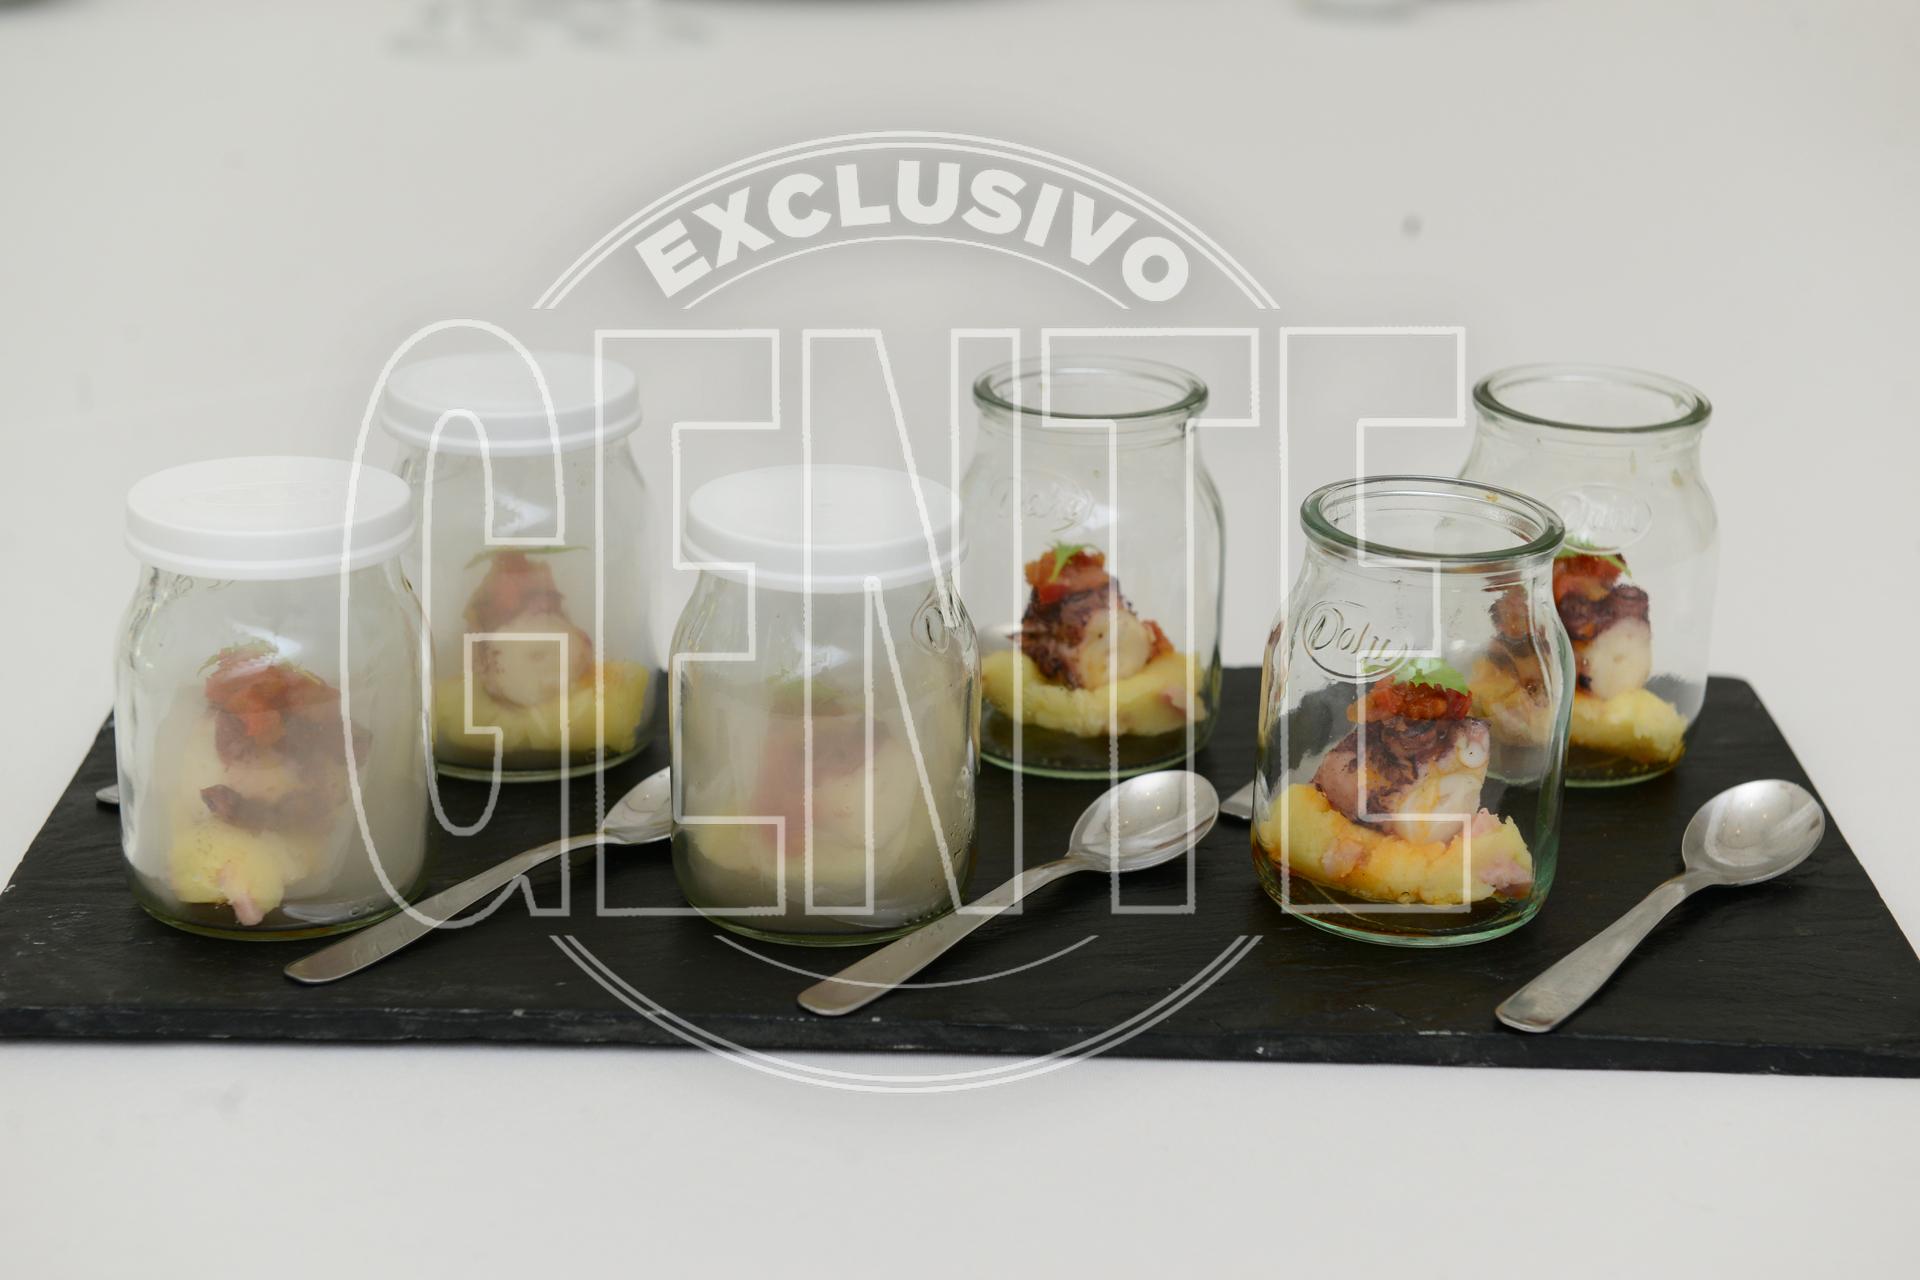 Puré ibérico con panceta y aceite de oliva, pulpo a la brasa y sofrito picante.